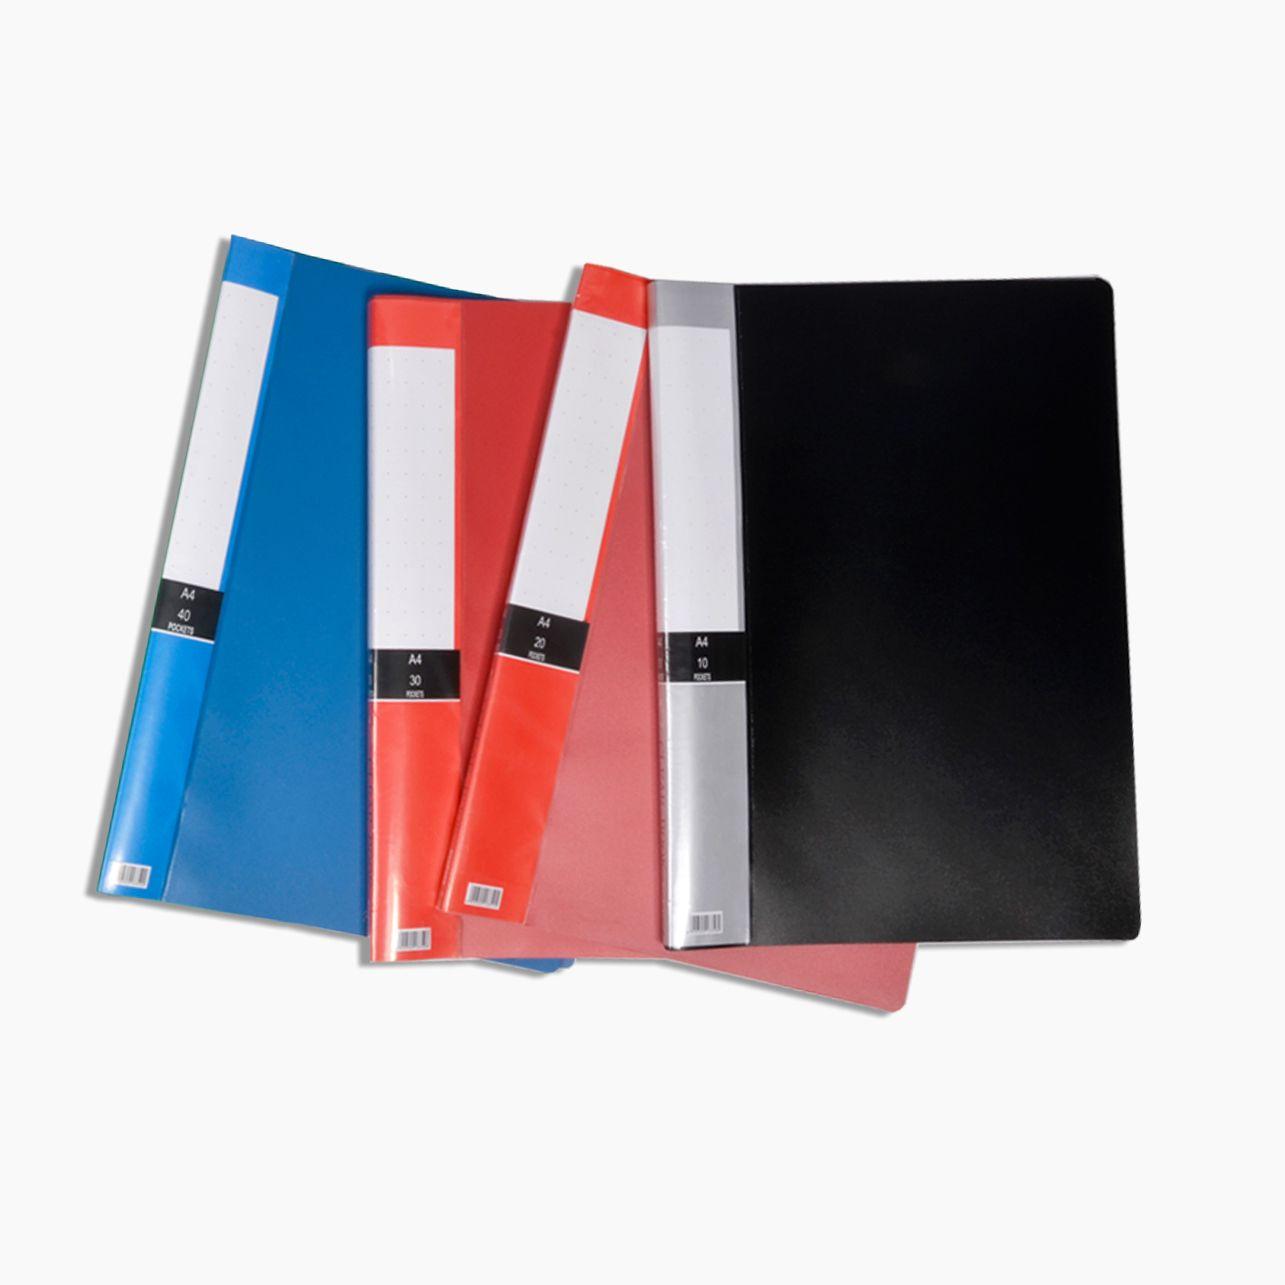 60页活页乐谱夹A4资料册学生试卷收纳袋插页文件夹多层档案保护袋